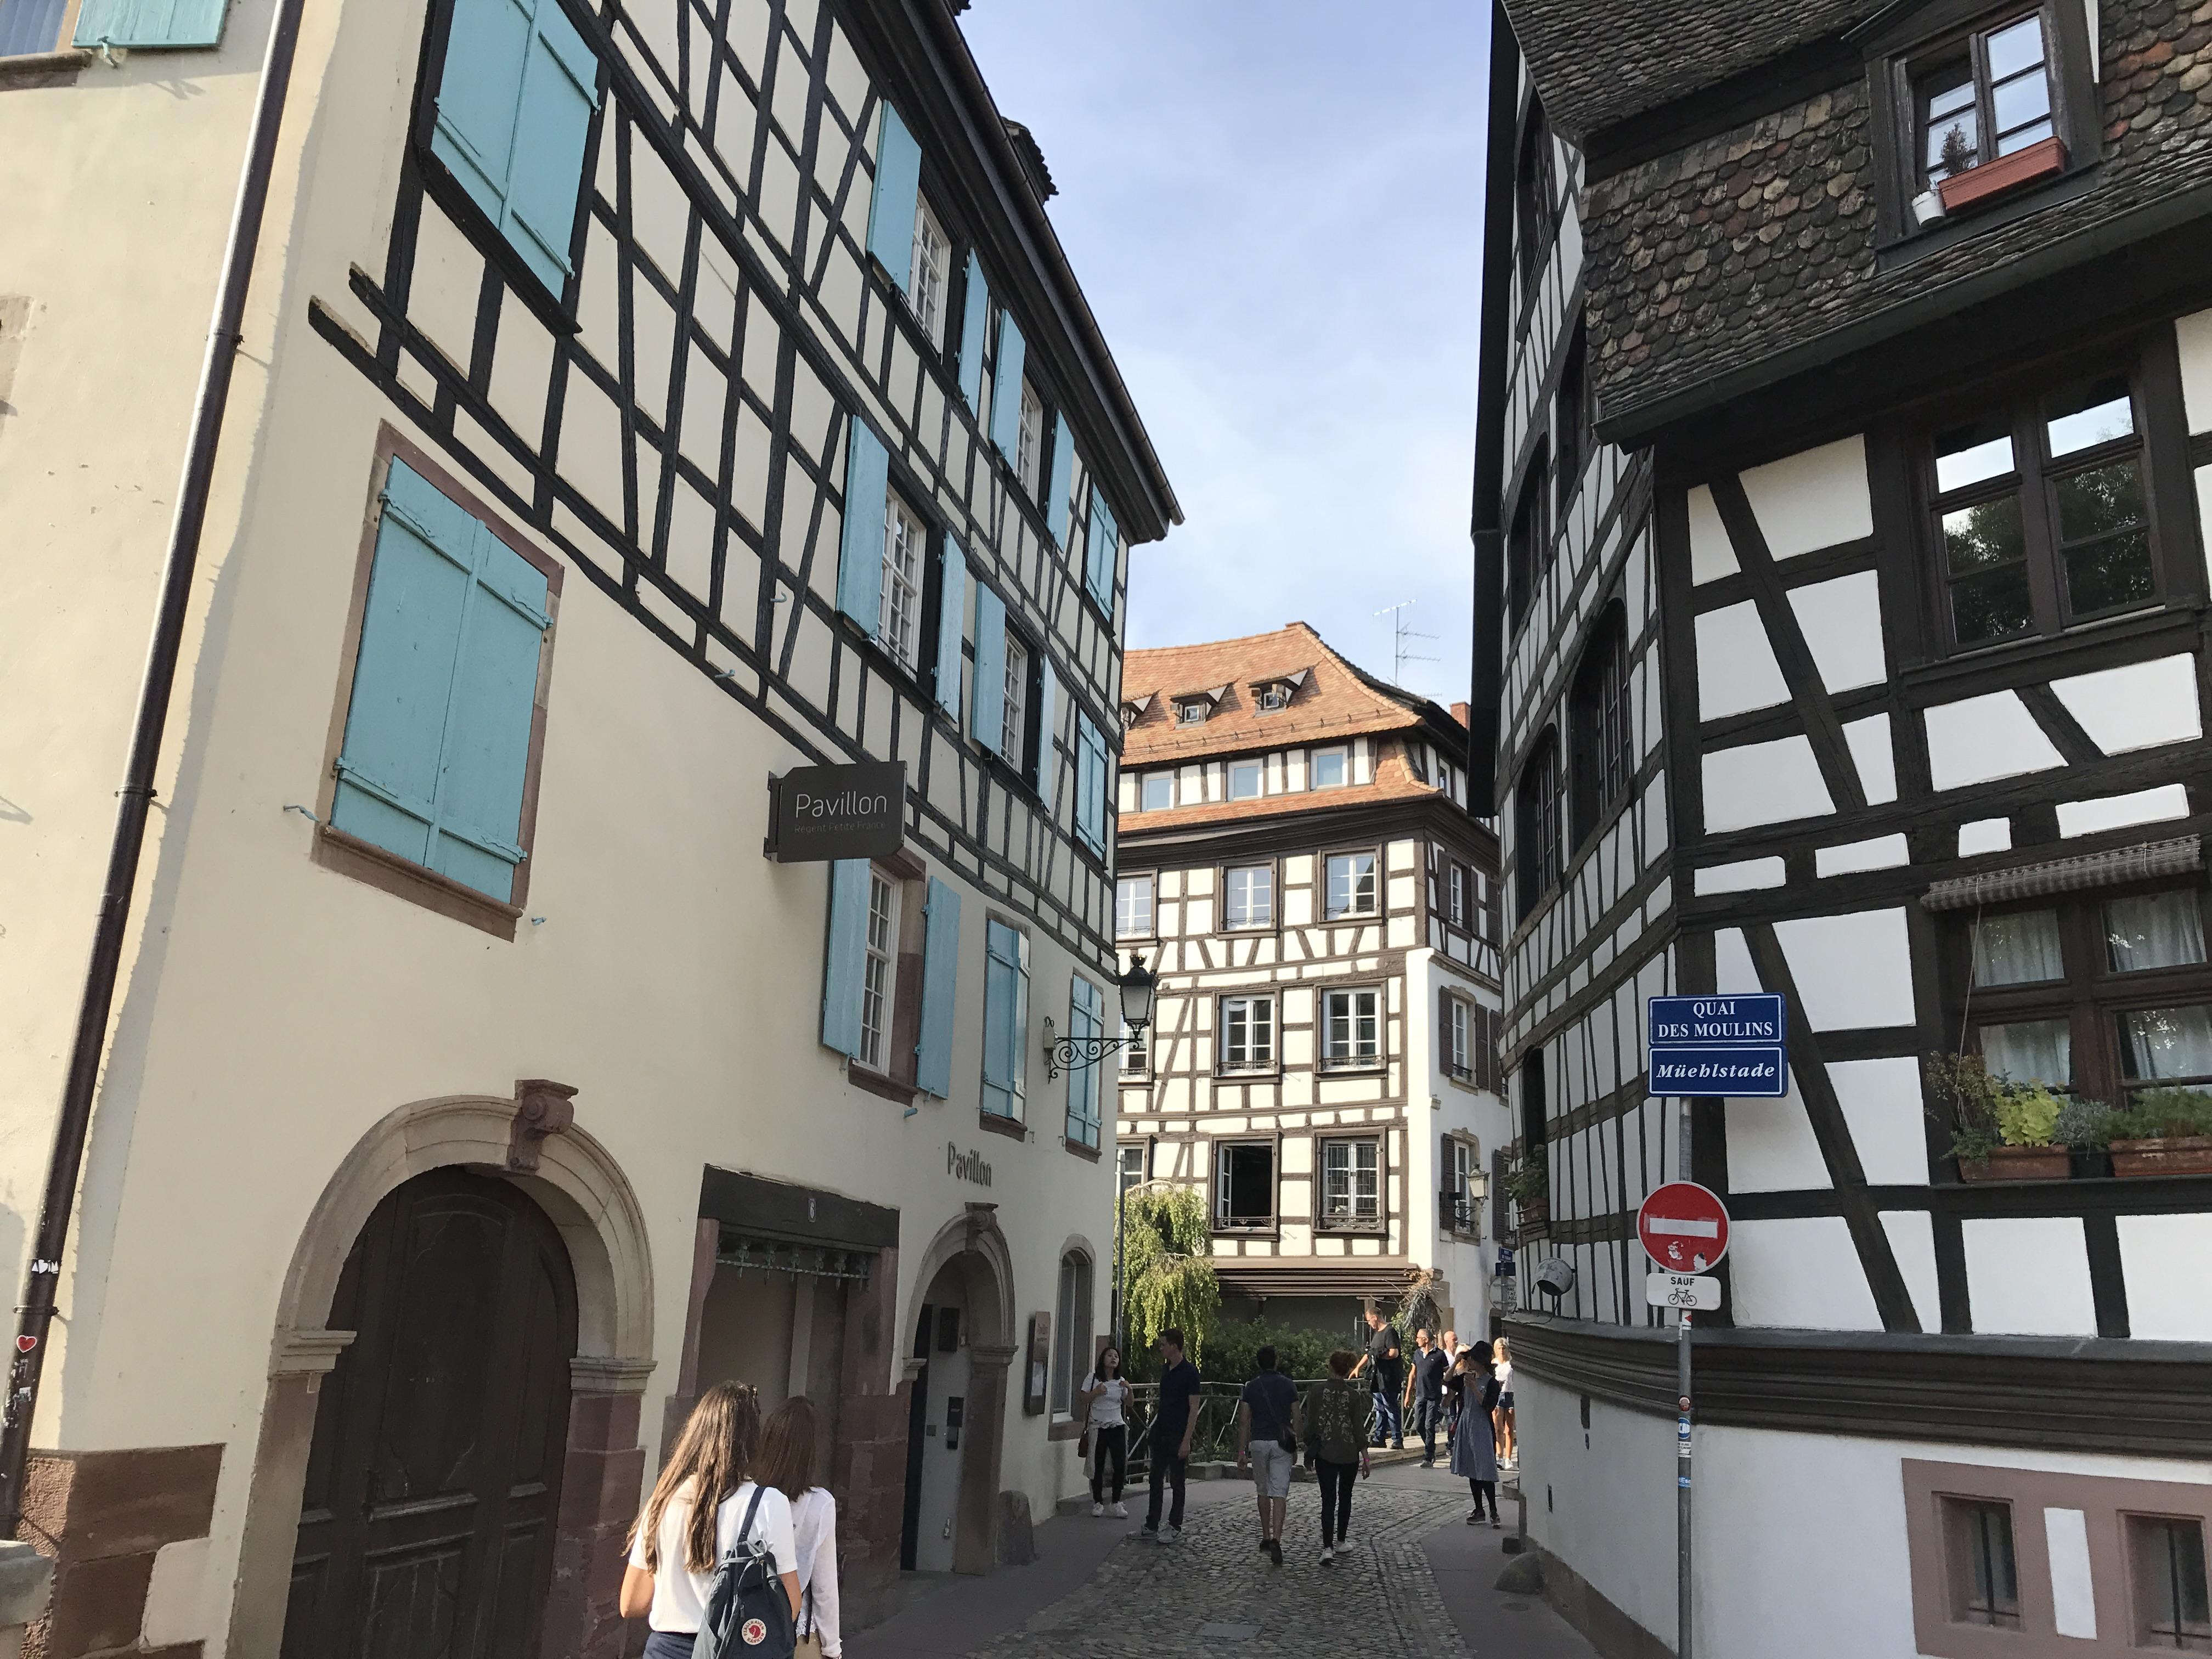 【フランス留学】リヨンでのアパートが見つからない!!【家探し】